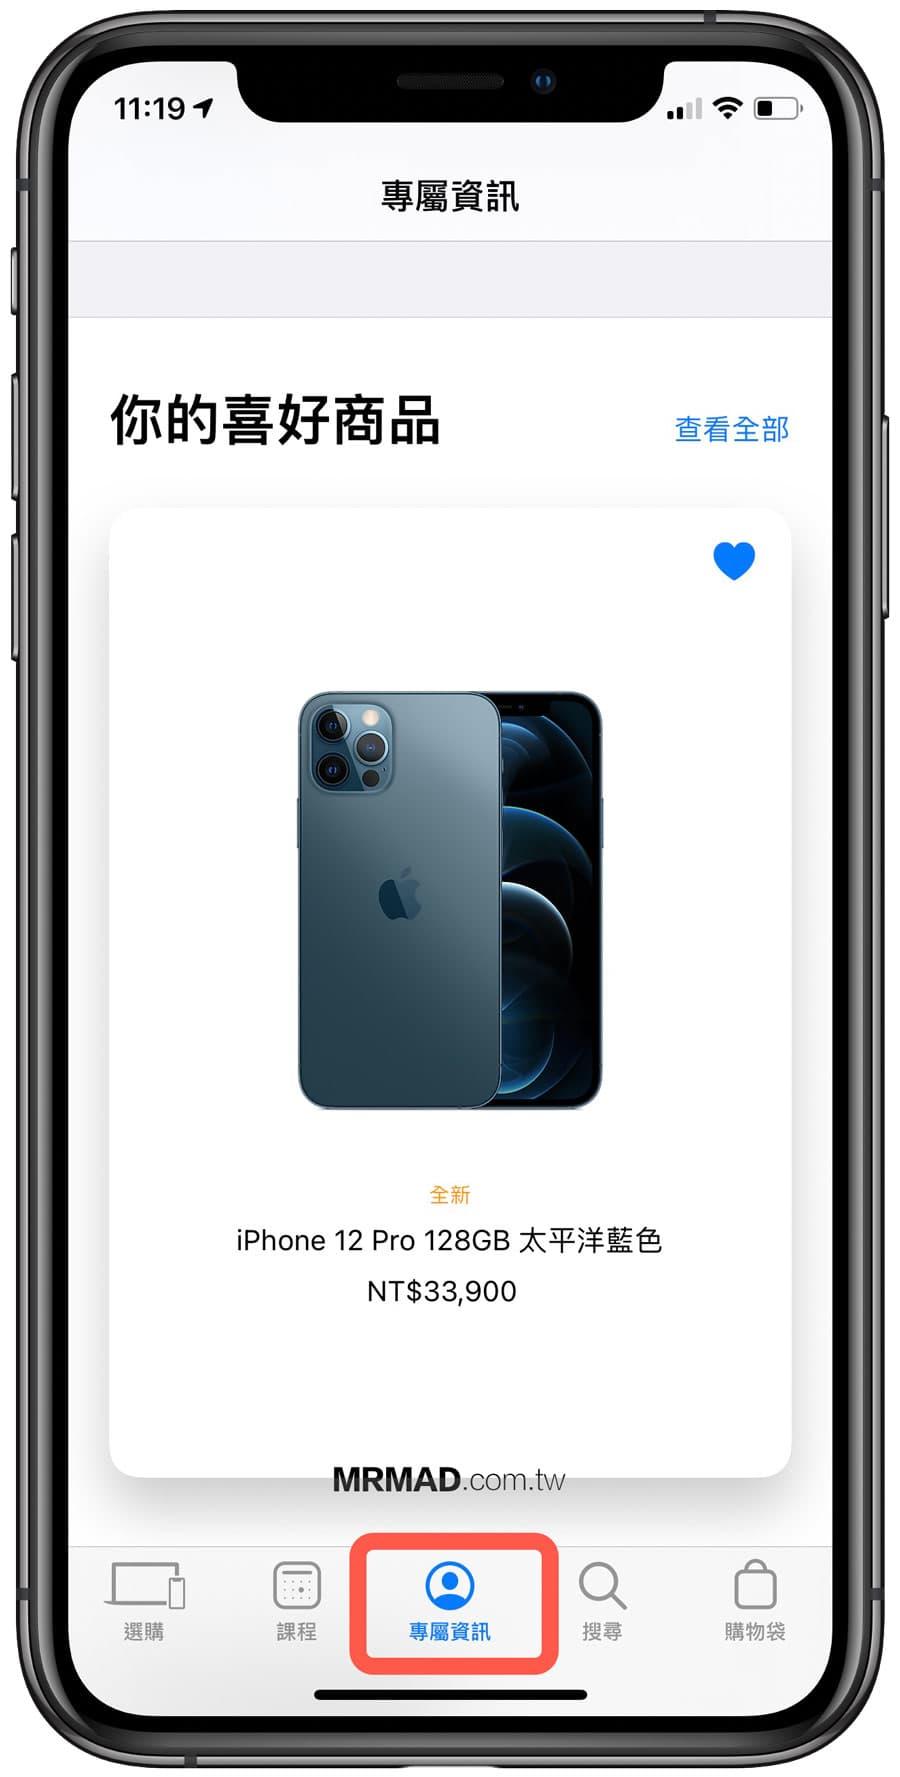 iPhone 12 / iPhone 12 Pro 搶購前準備1